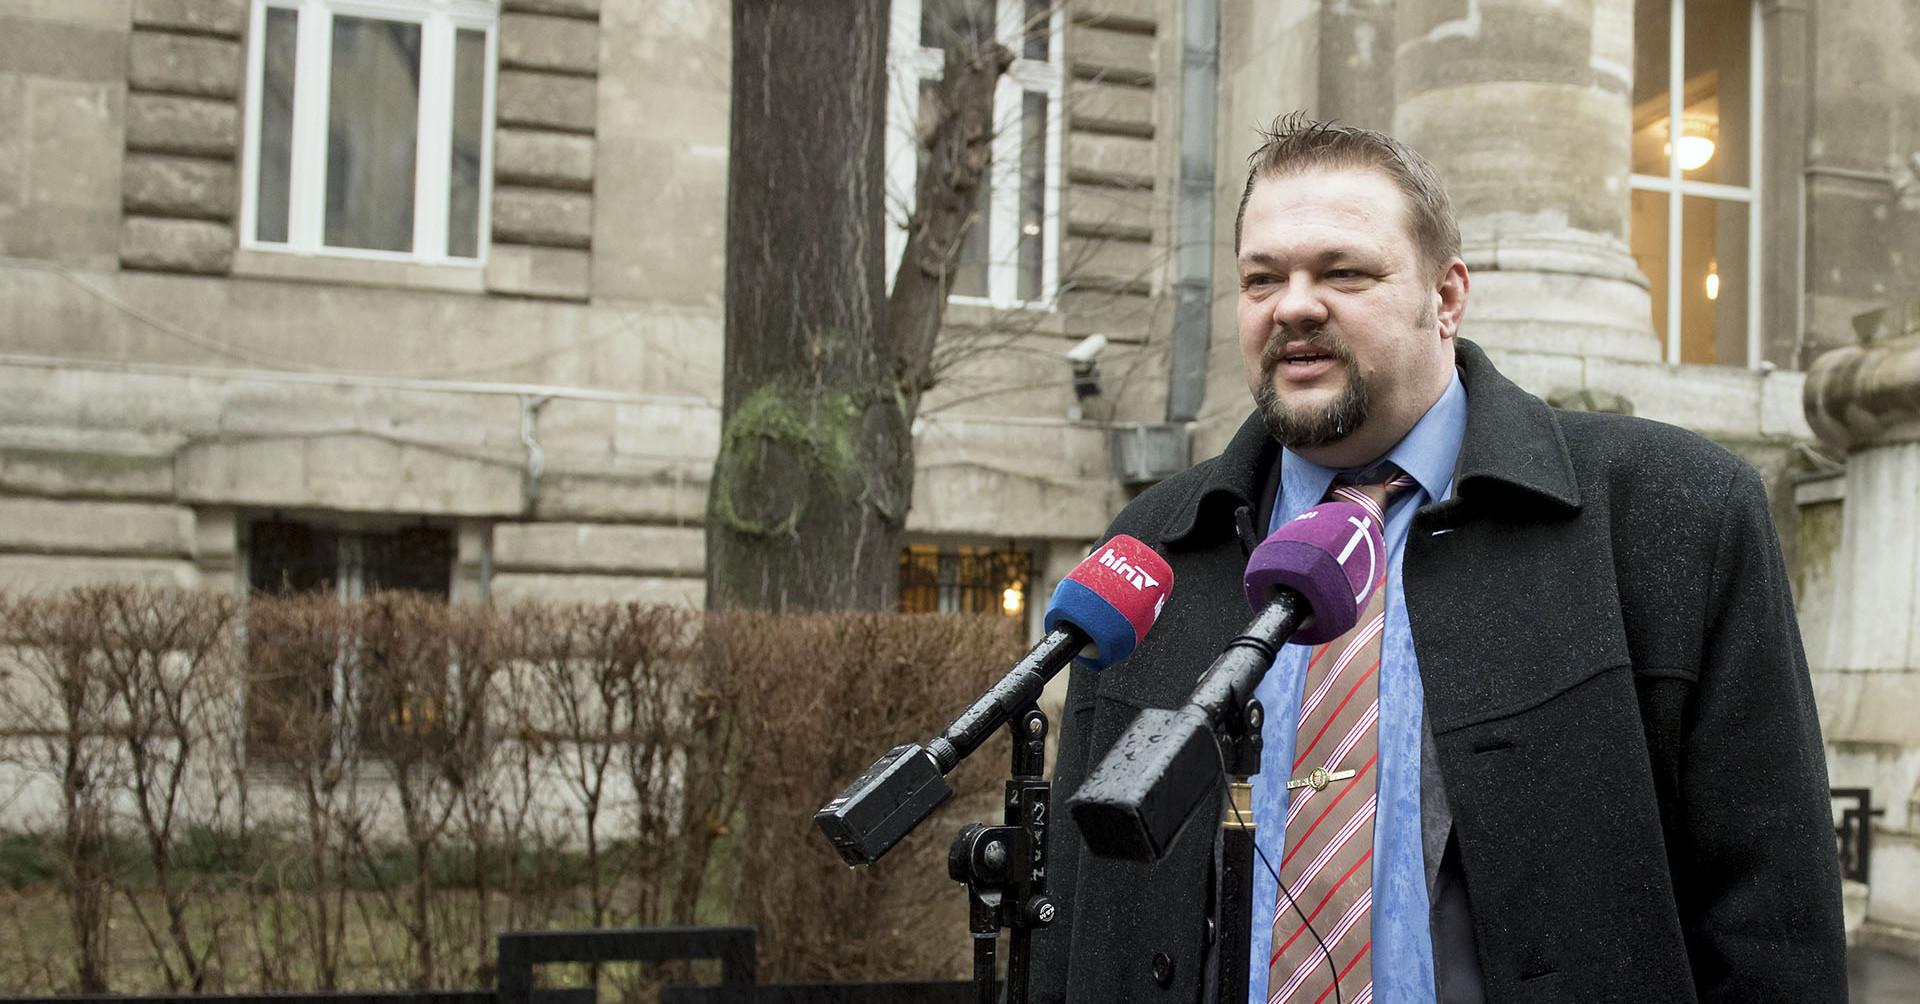 Indítja a Jobbik a judapestező Bíró Lászlót, az ellenzék szó nélkül rábólíntott